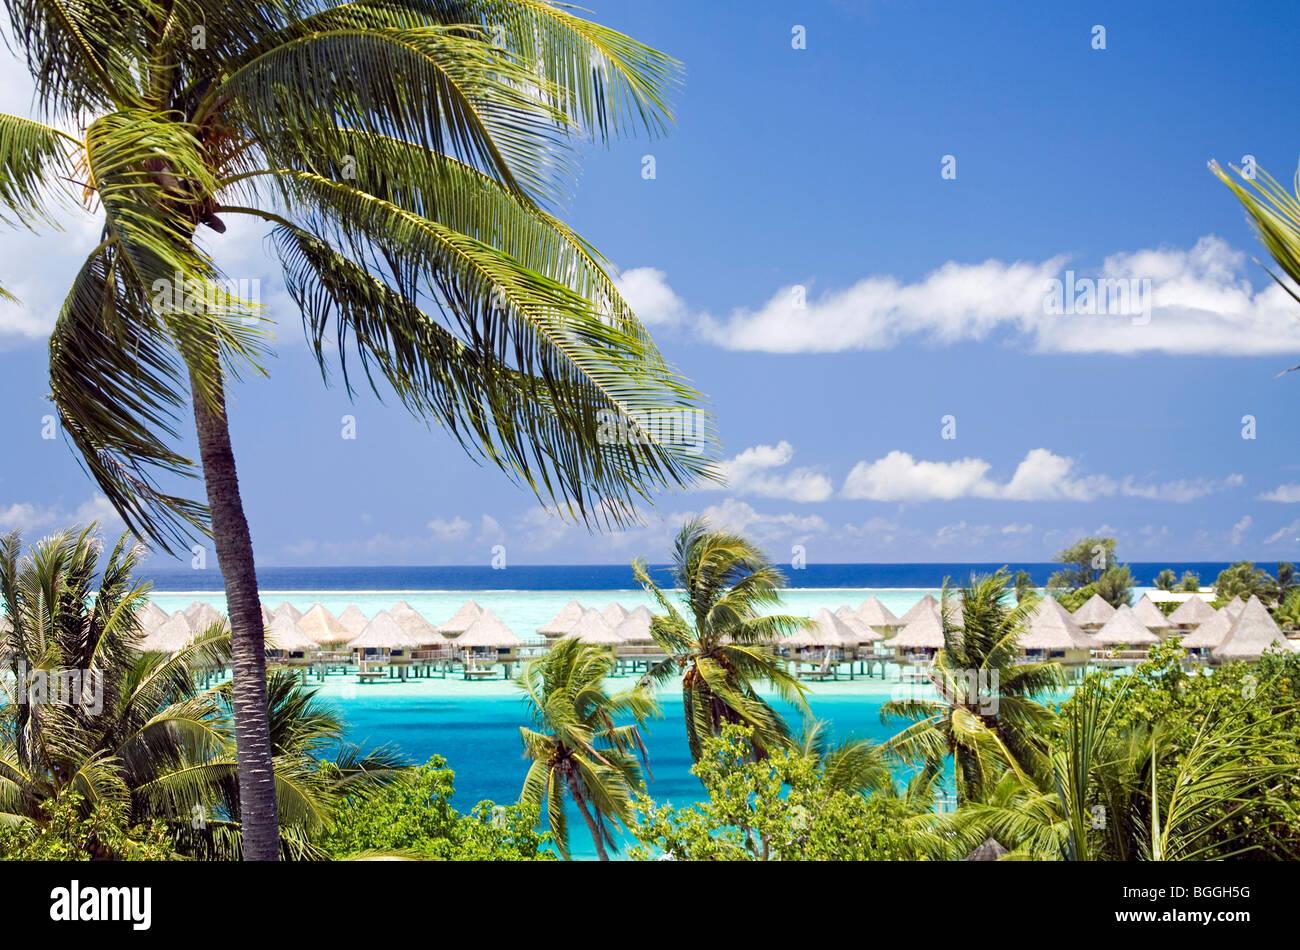 pile-dwellings-bora-bora-french-polynesi